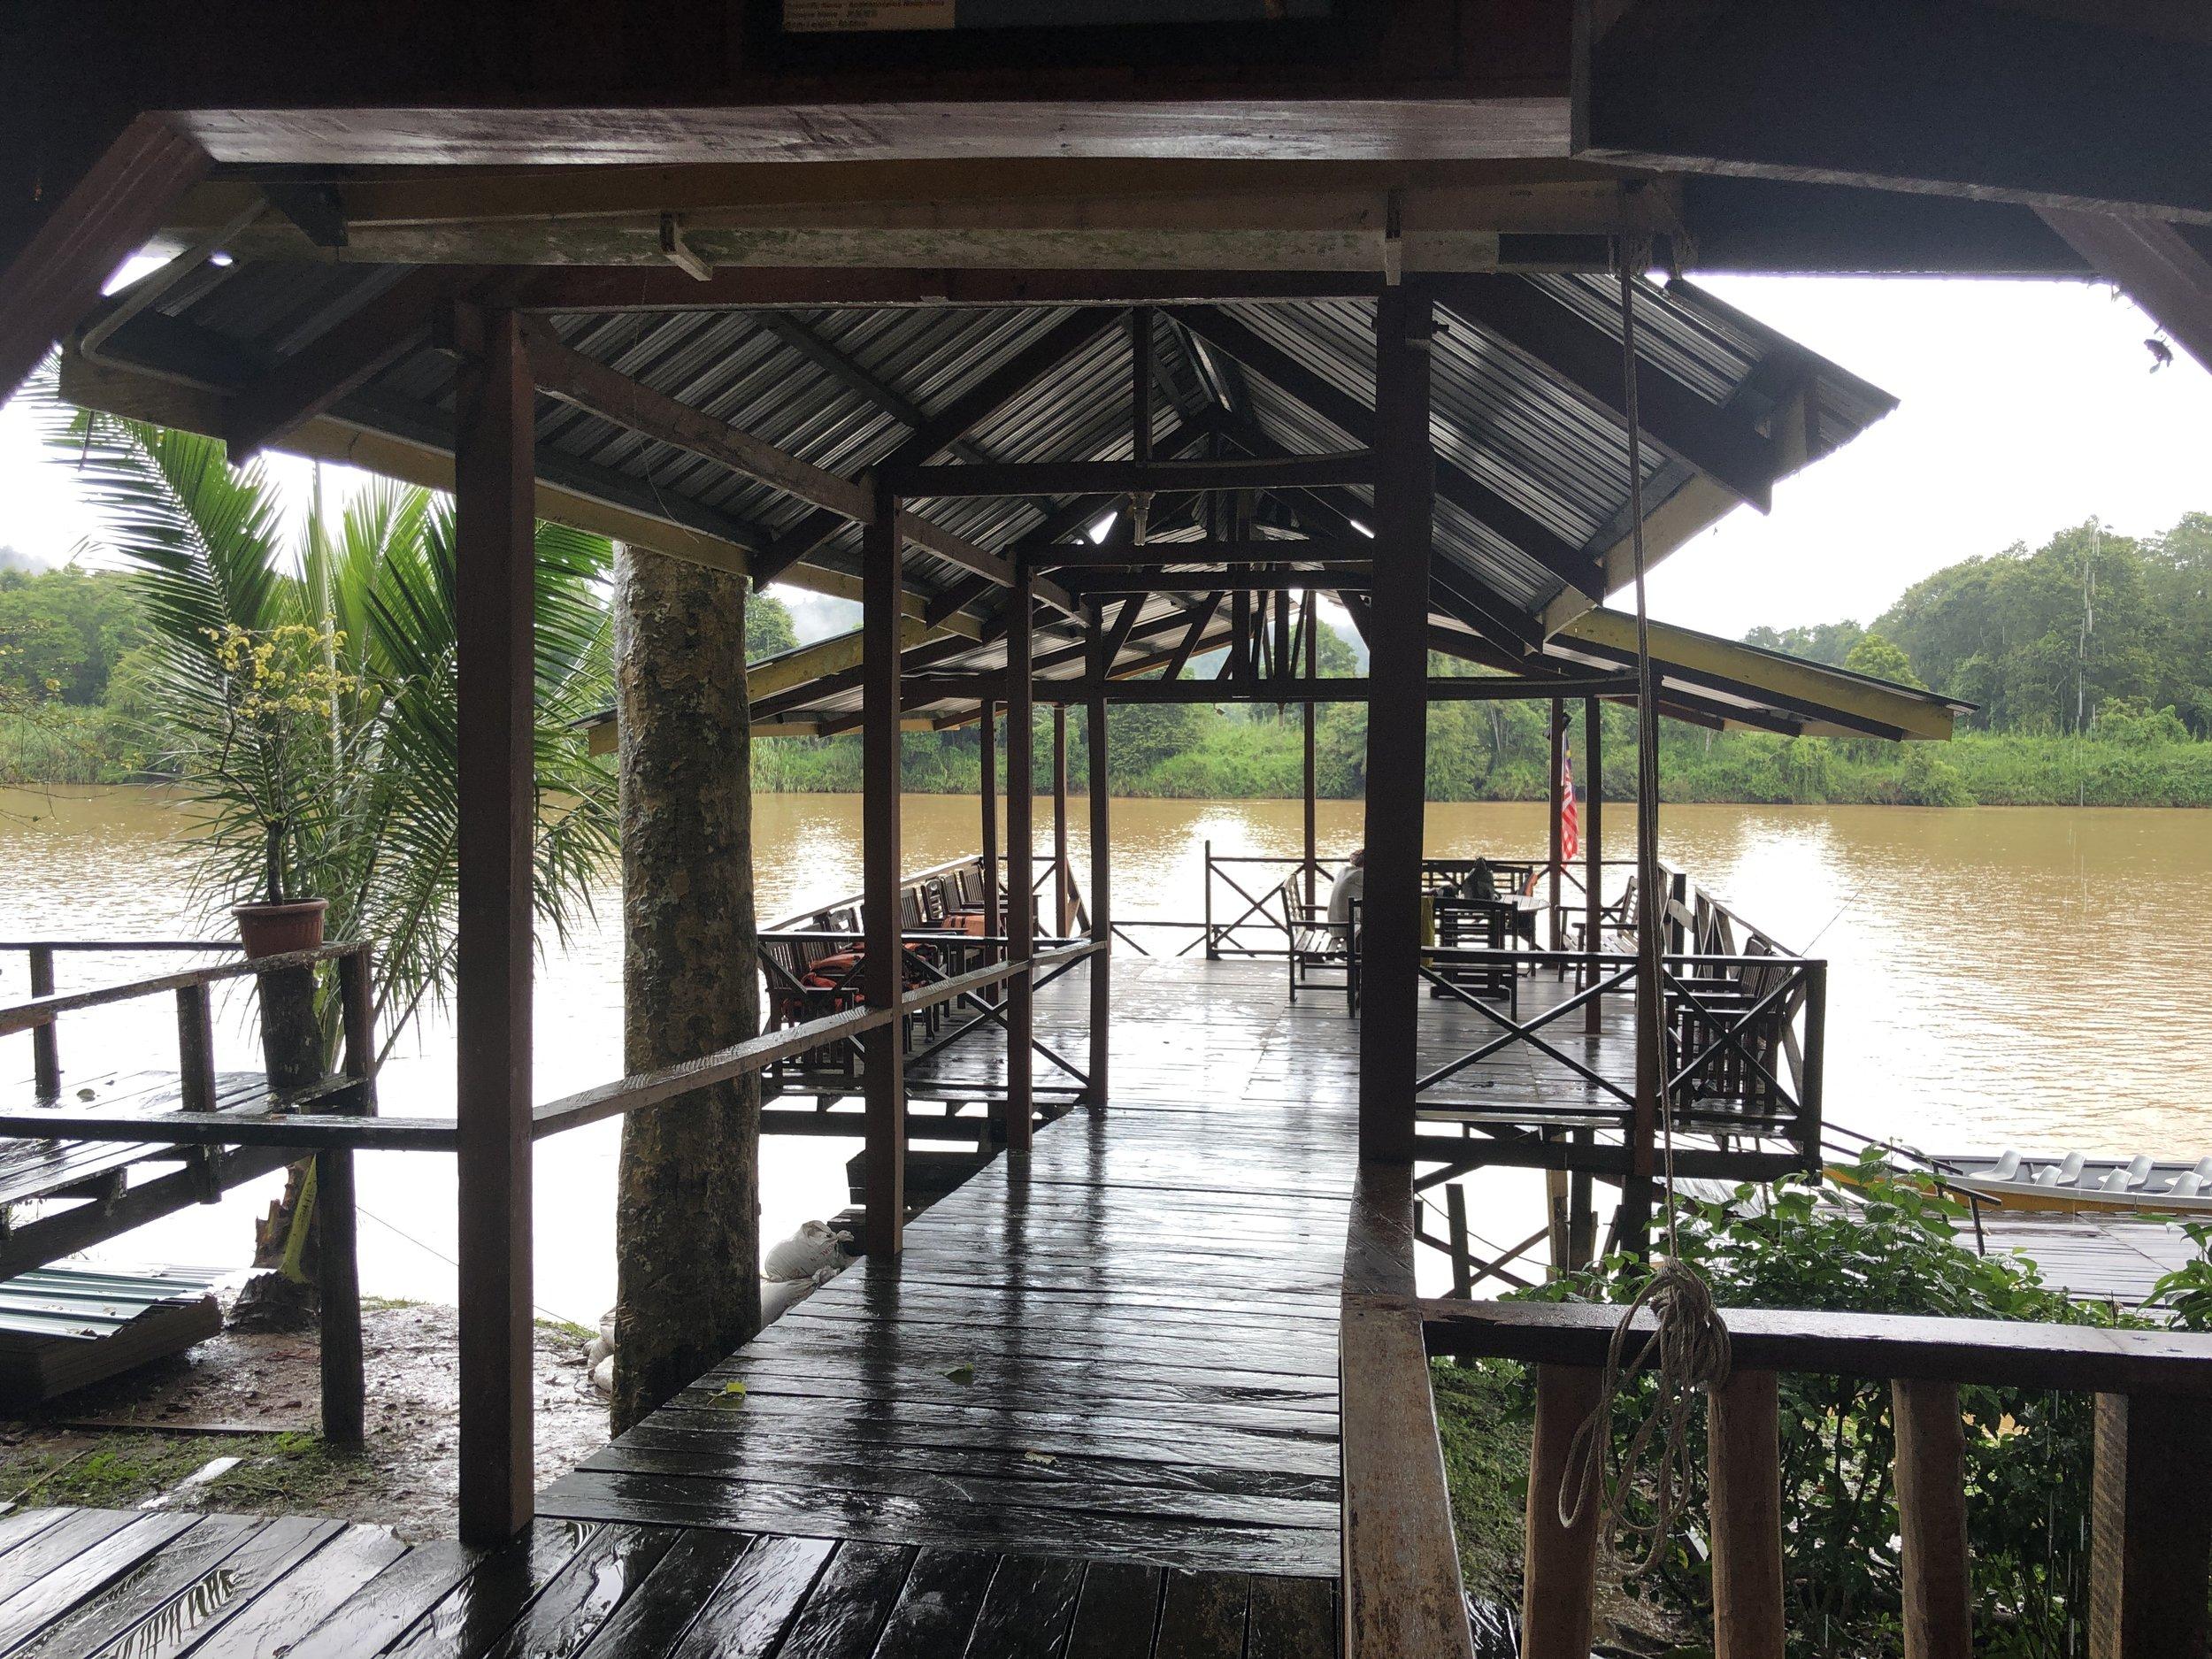 Bilit Lodge, River Kinabatangan